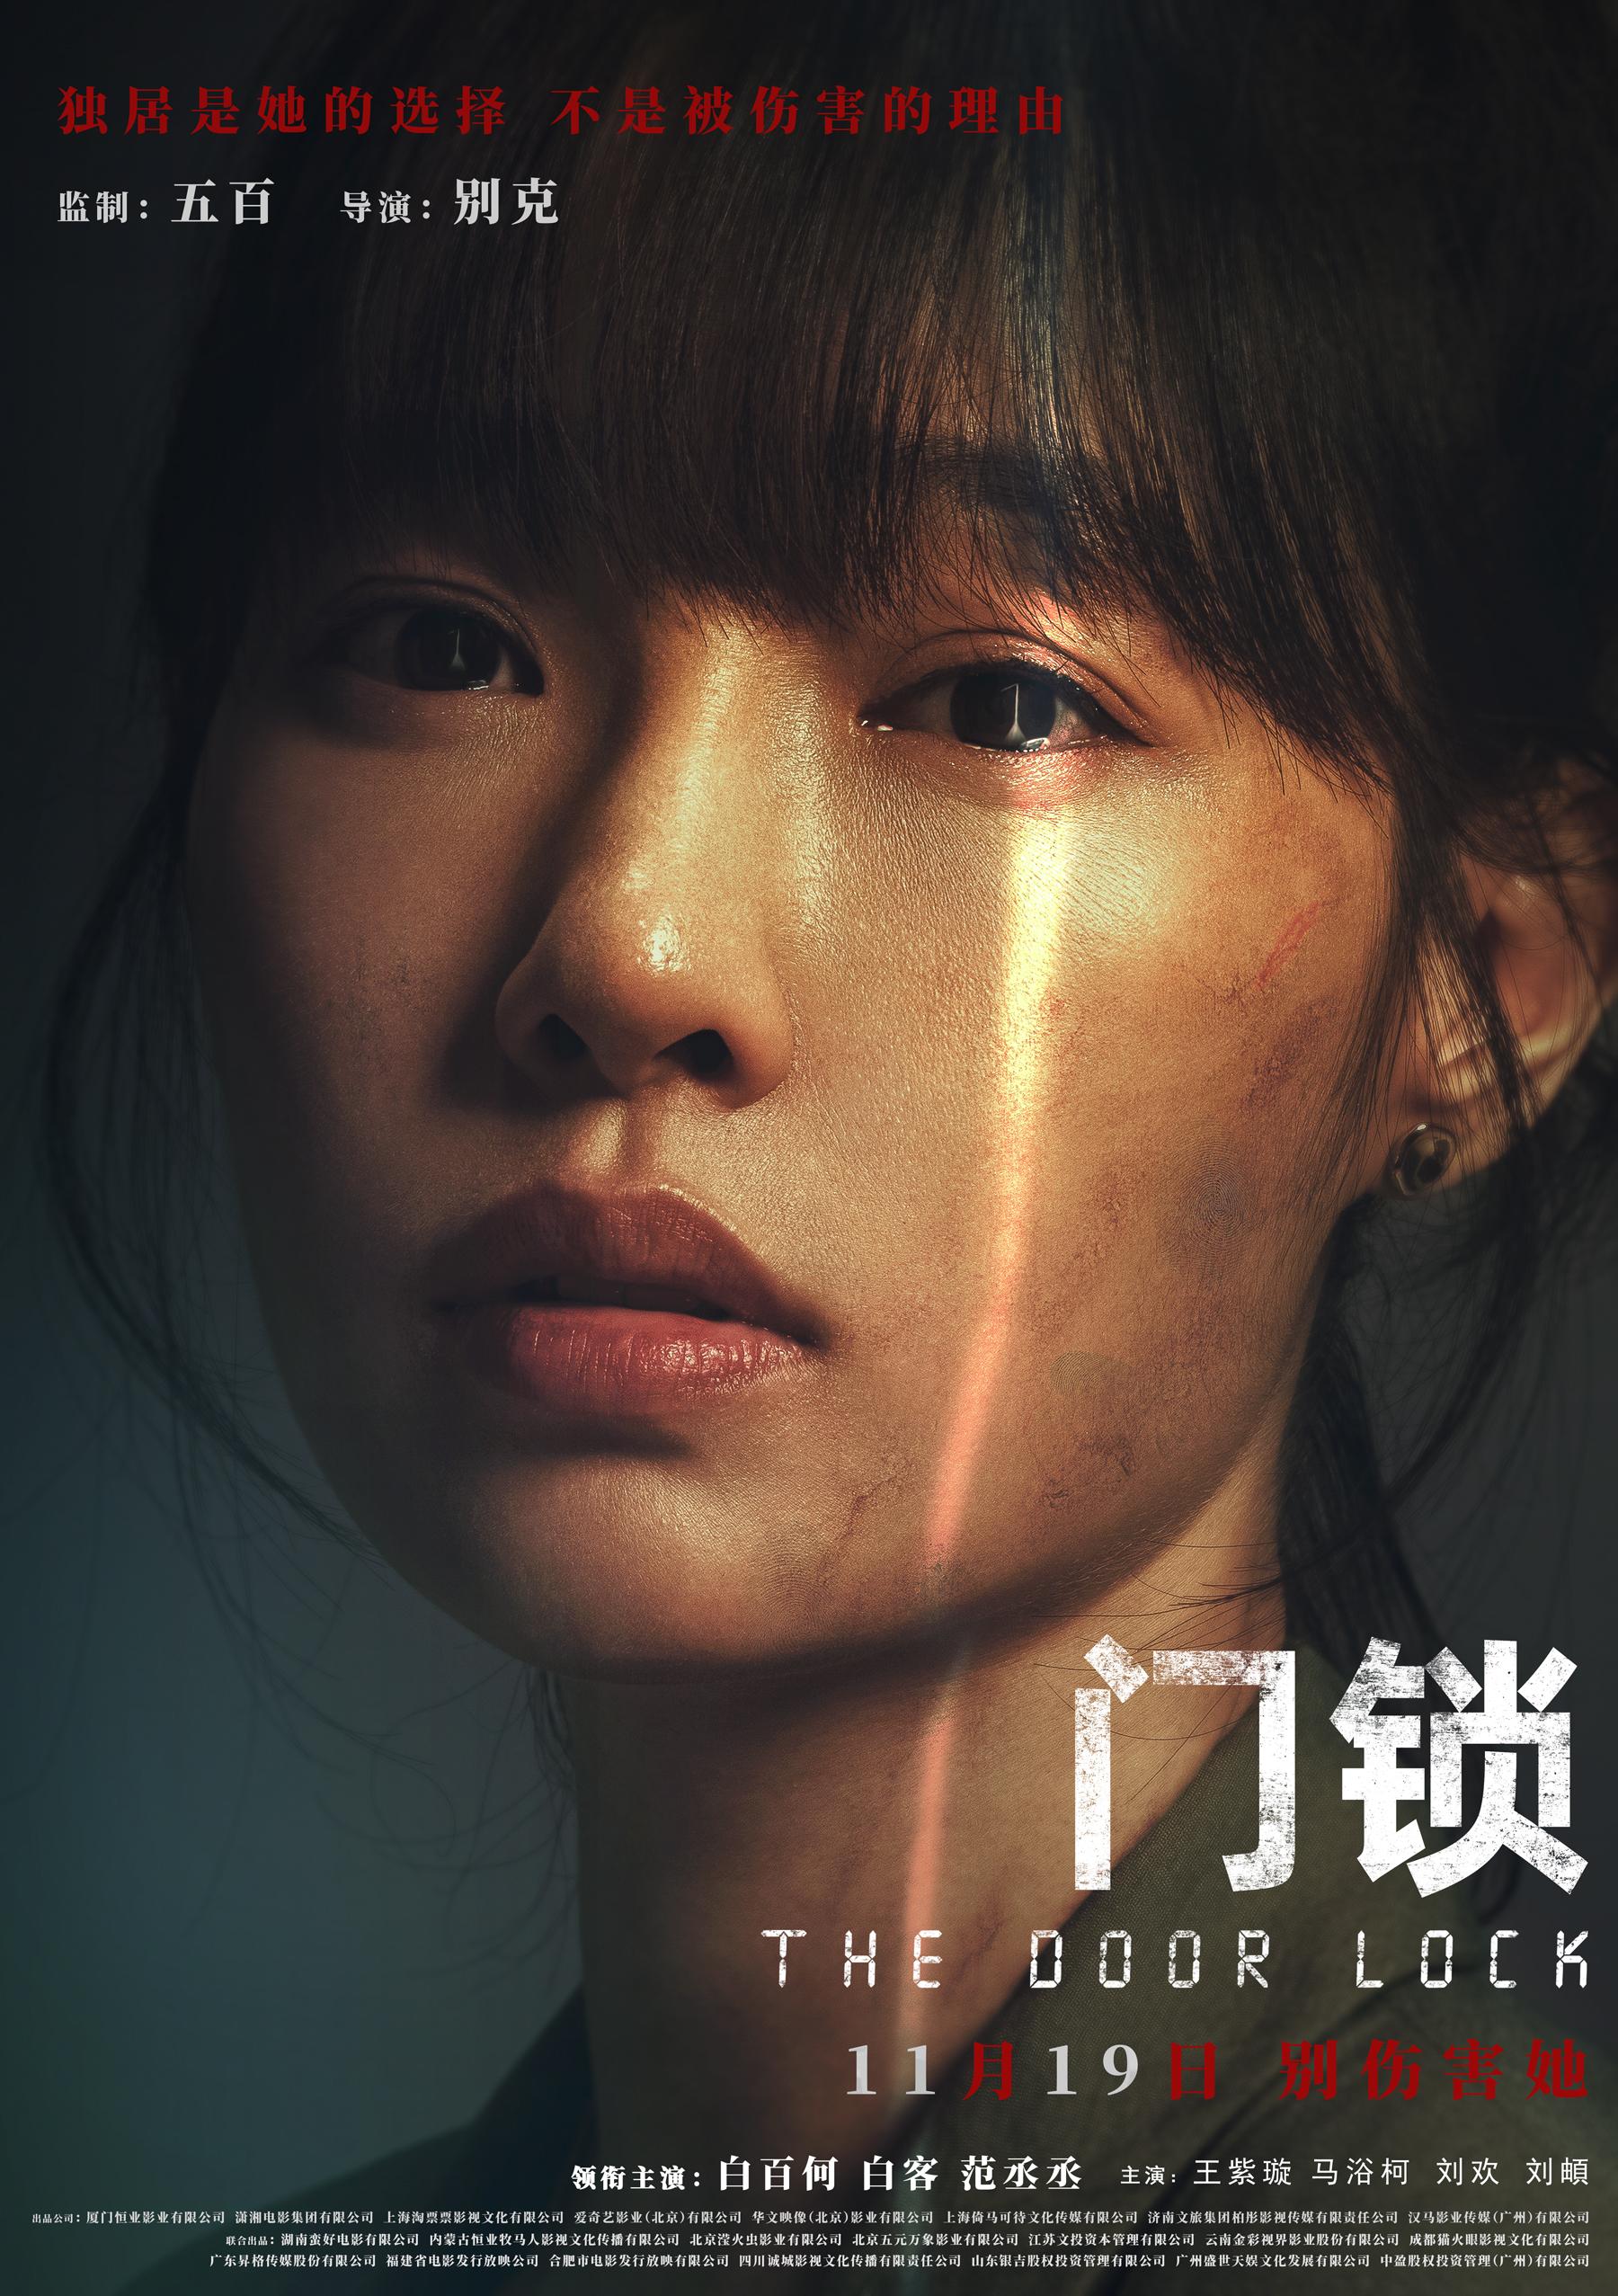 """白百何《门锁》定档11月19日 聚焦独居安全控诉""""别伤害她"""""""